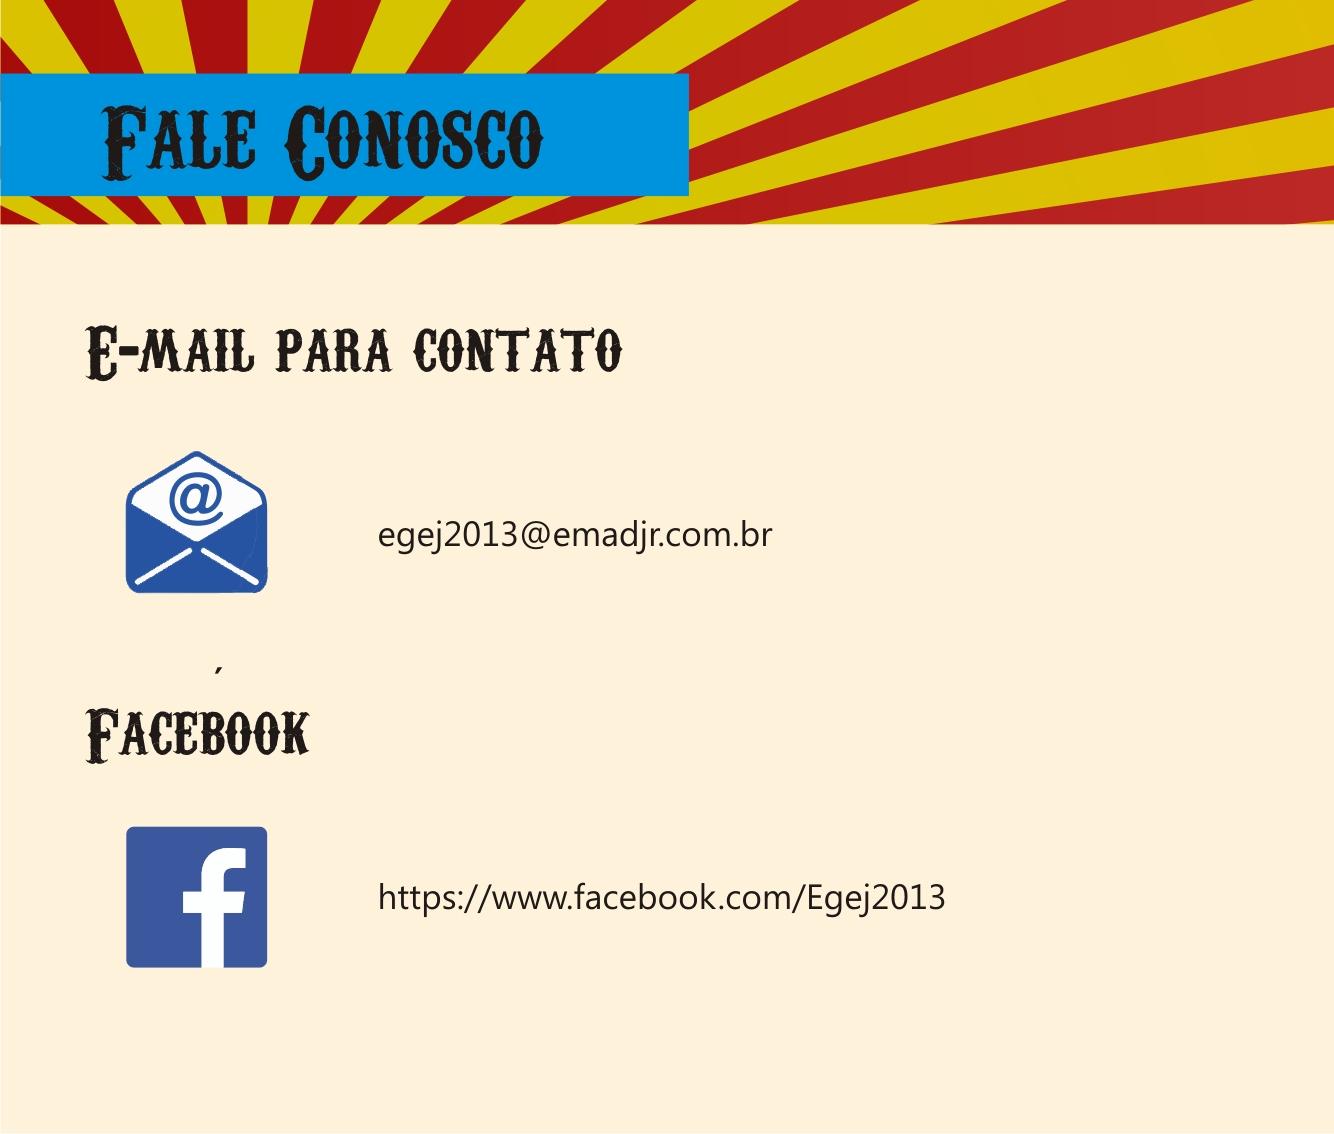 faleconosco_páginasite